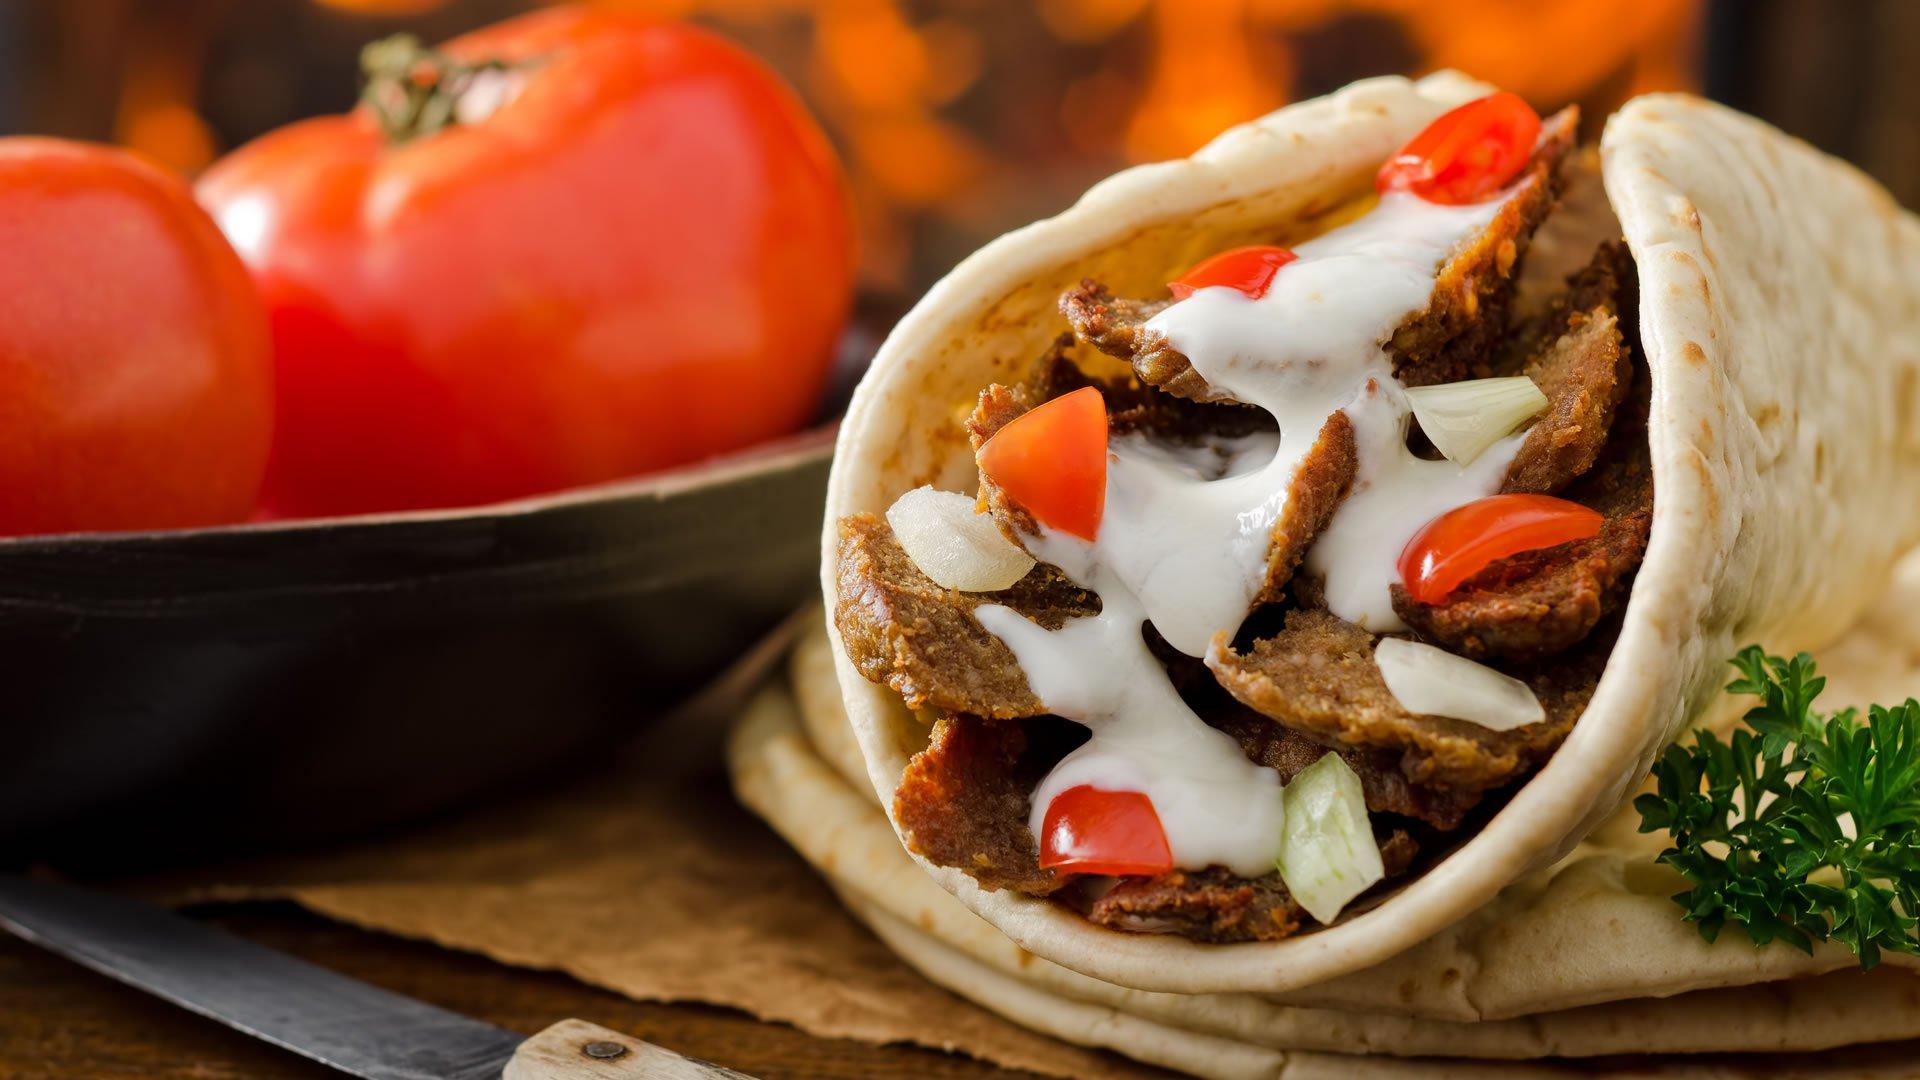 Receta de gyros, uno de los platos tradicionales de Grecia